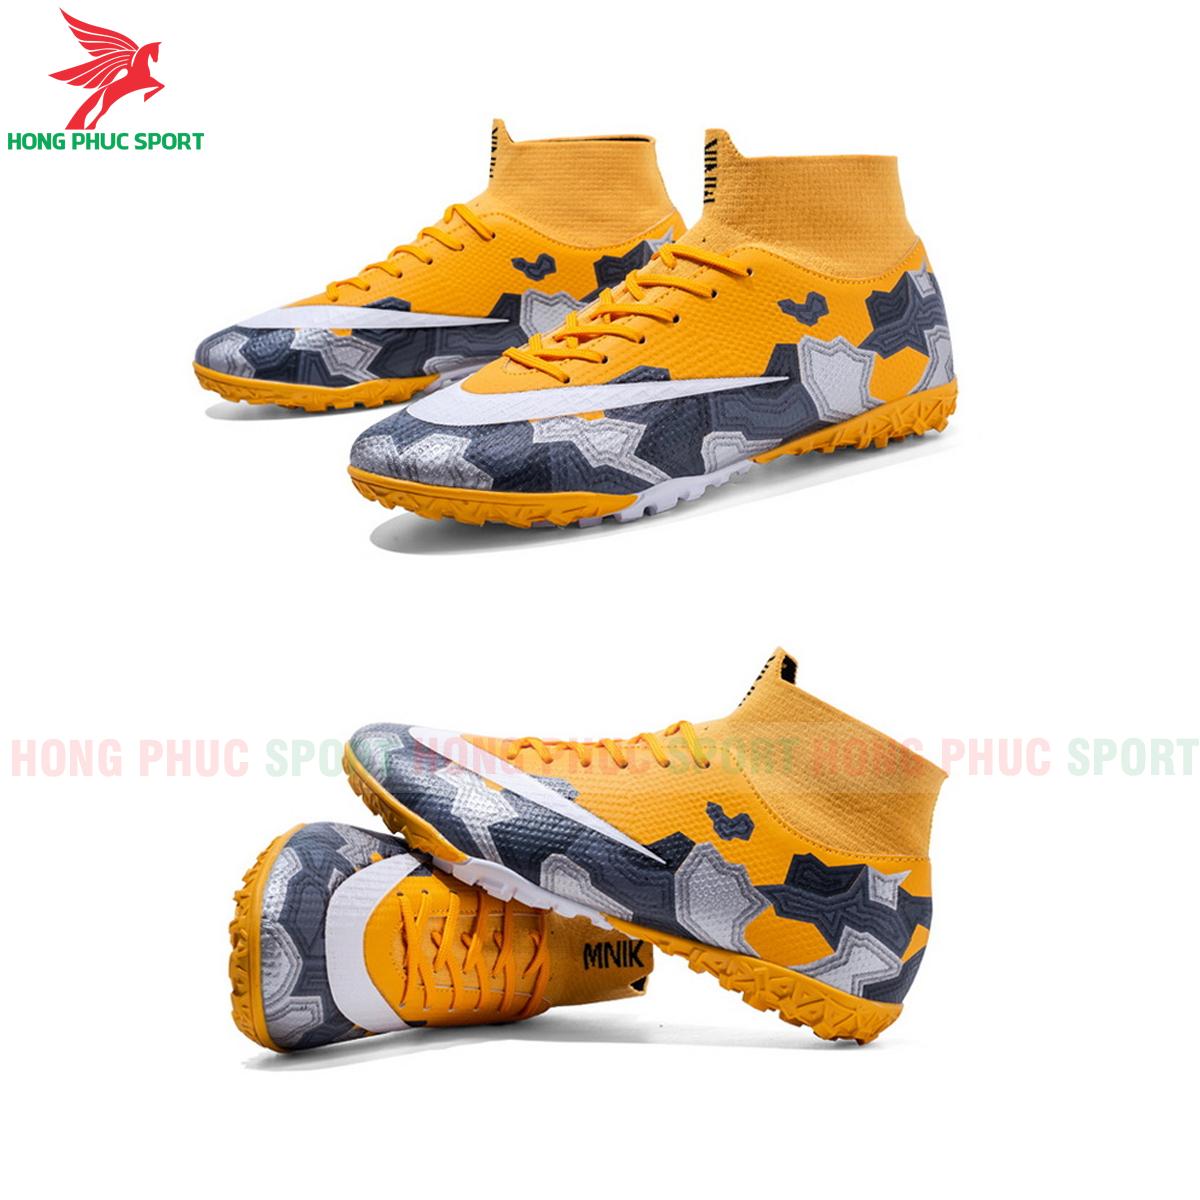 Giày đá banh Superfly VII Mbappe V2 2020 TF mẫu 1 màu vàng(1)